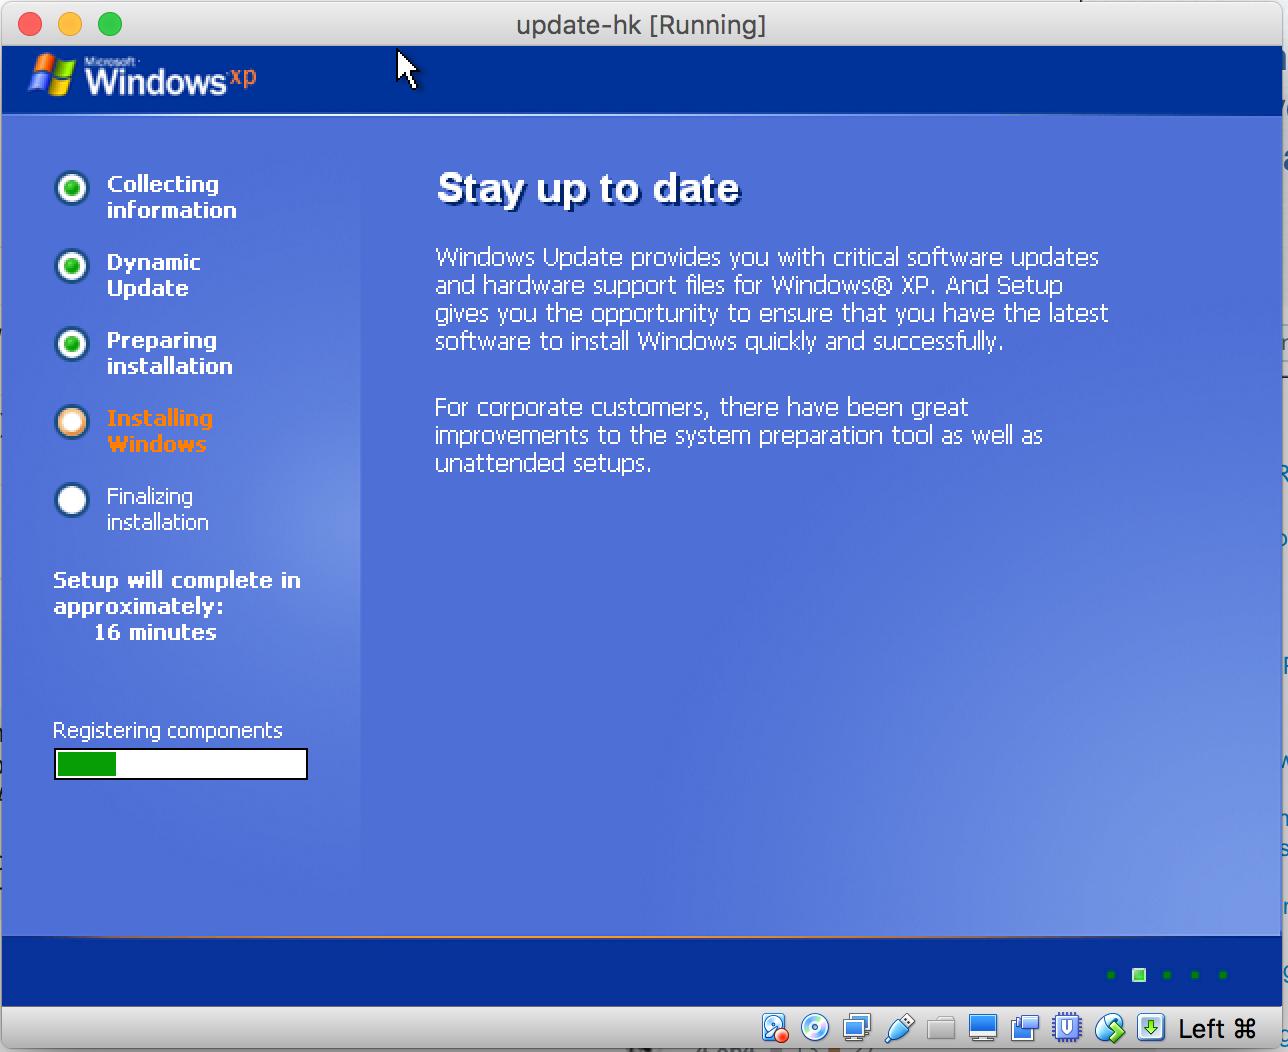 harman kardon avr firmware update - My Wushu Blog